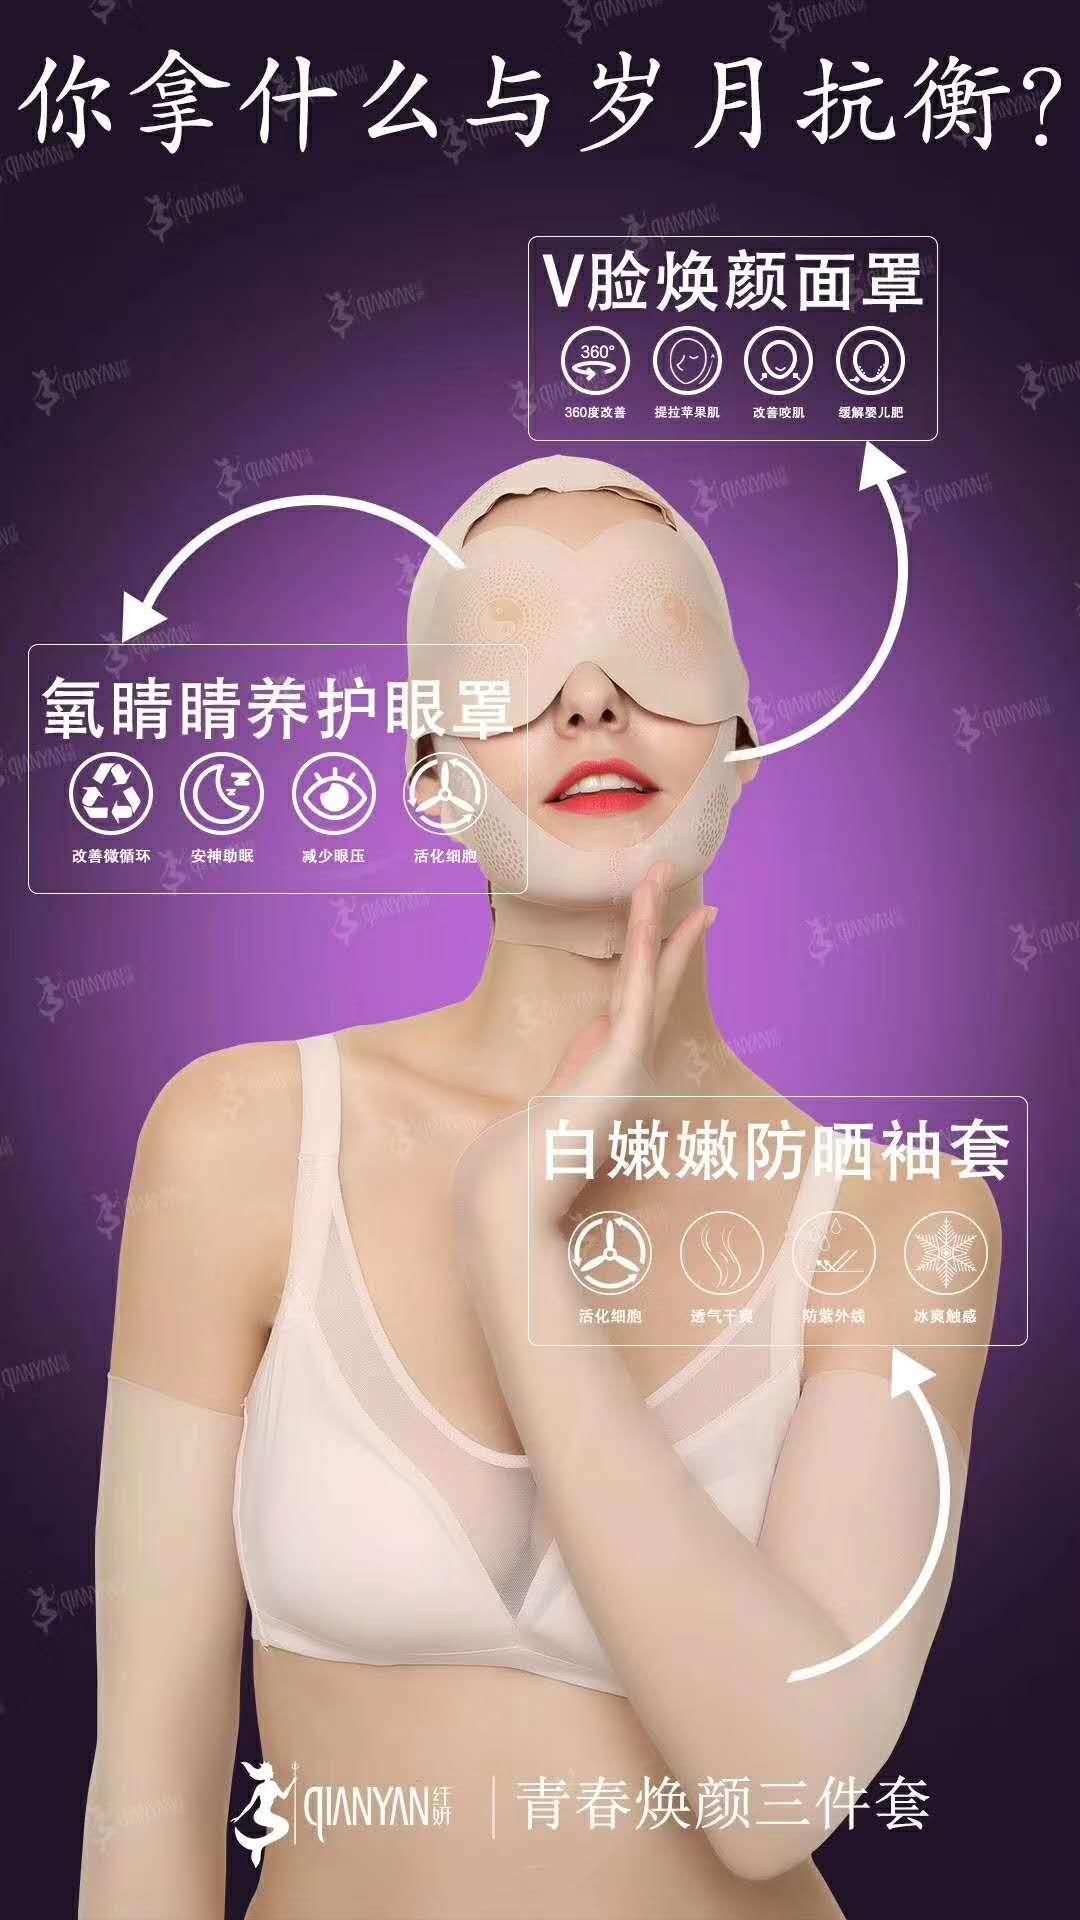 C:\Users\ADMINI~1\AppData\Local\Temp\WeChat Files\77f855b75d72bb80921277ce8f323f2.jpg